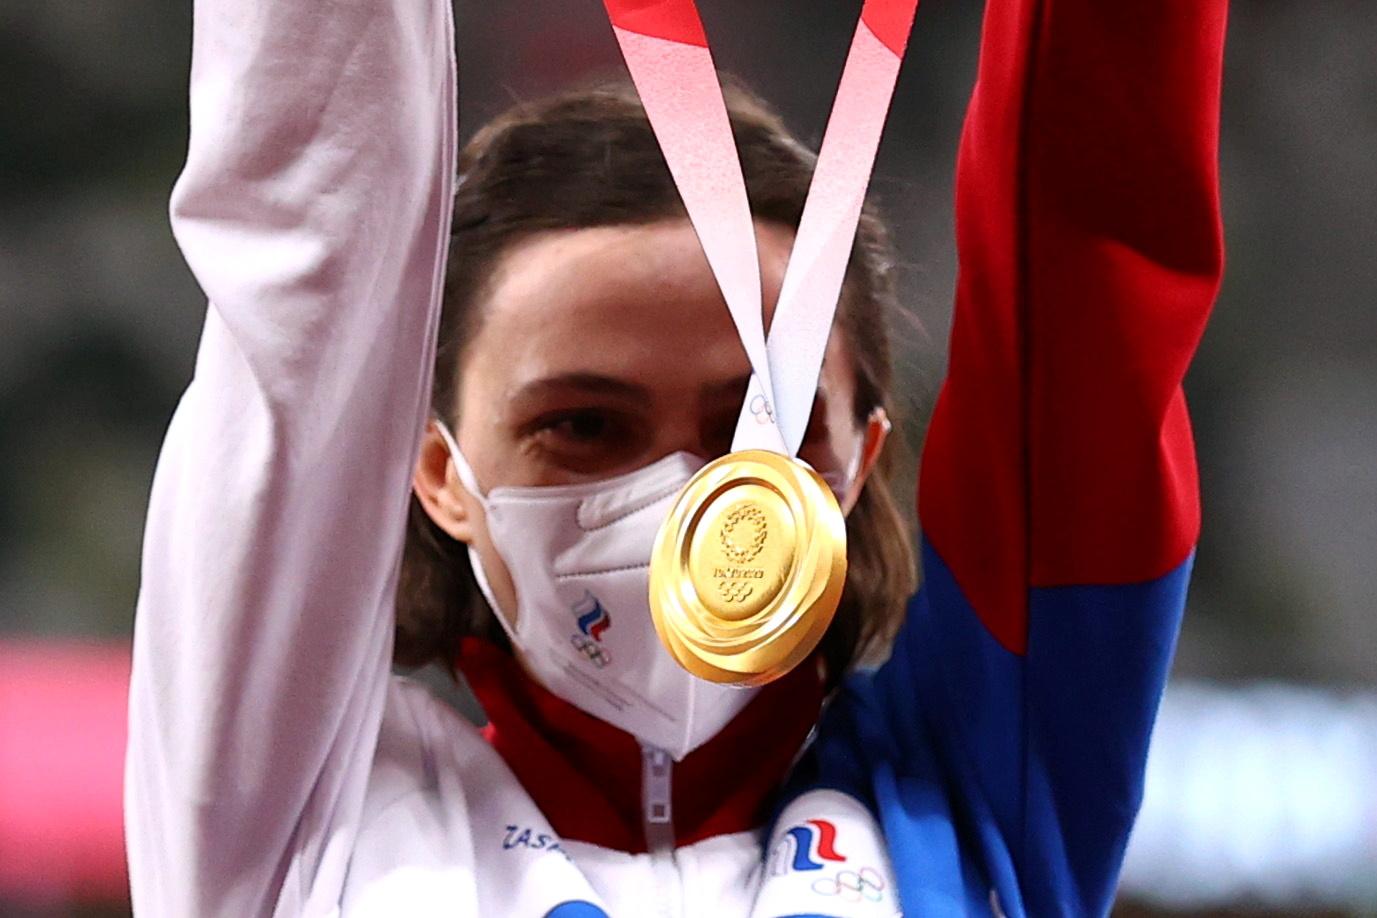 Ολυμπιακοί Αγώνες: Χρυσό για την Λασίτσκενε στο ύψος με «αυτοκρατορικό» άλμα